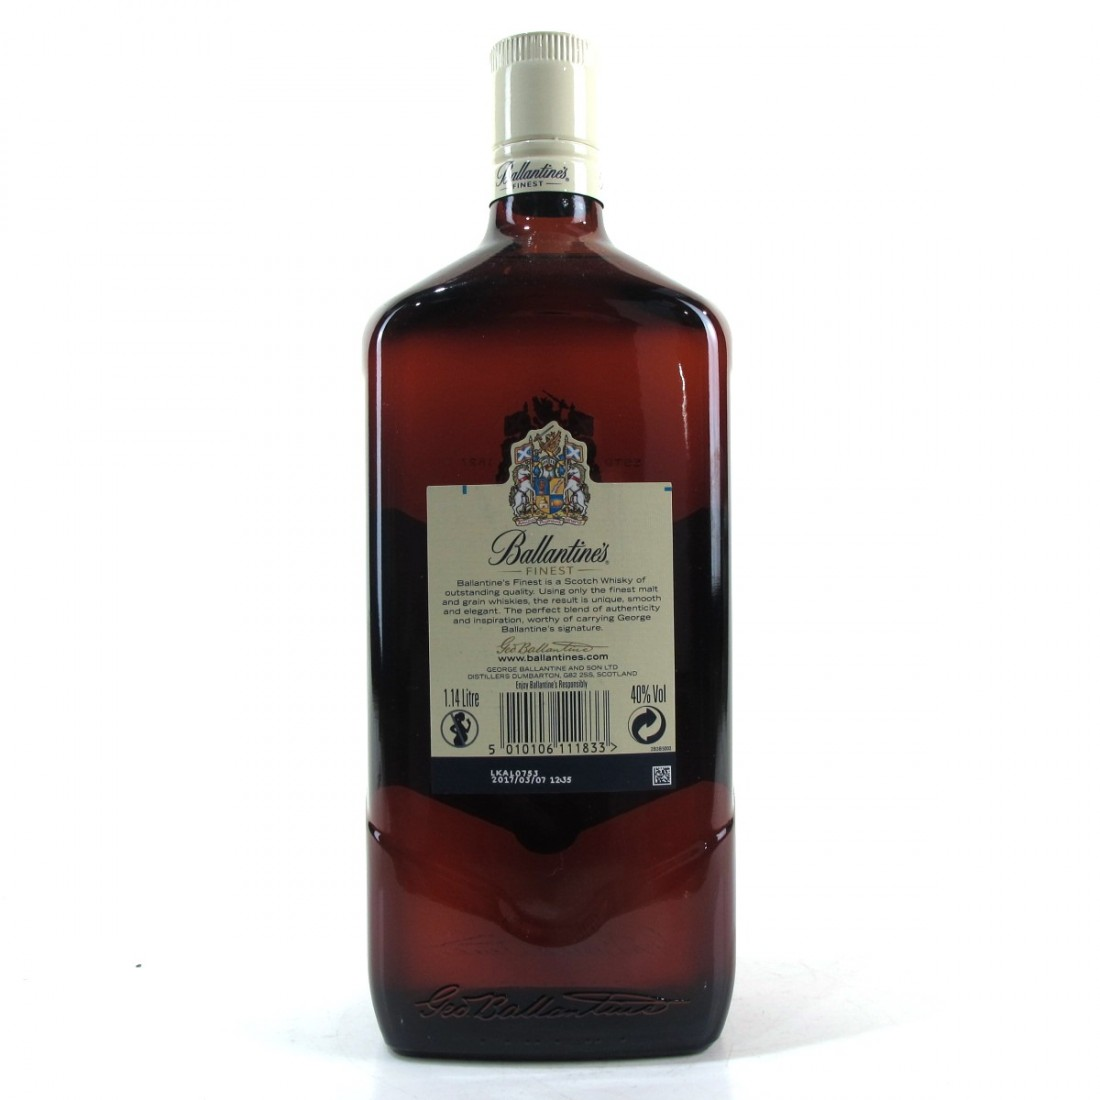 Ballantine's Finest Scotch Whisky 1.14 Litre